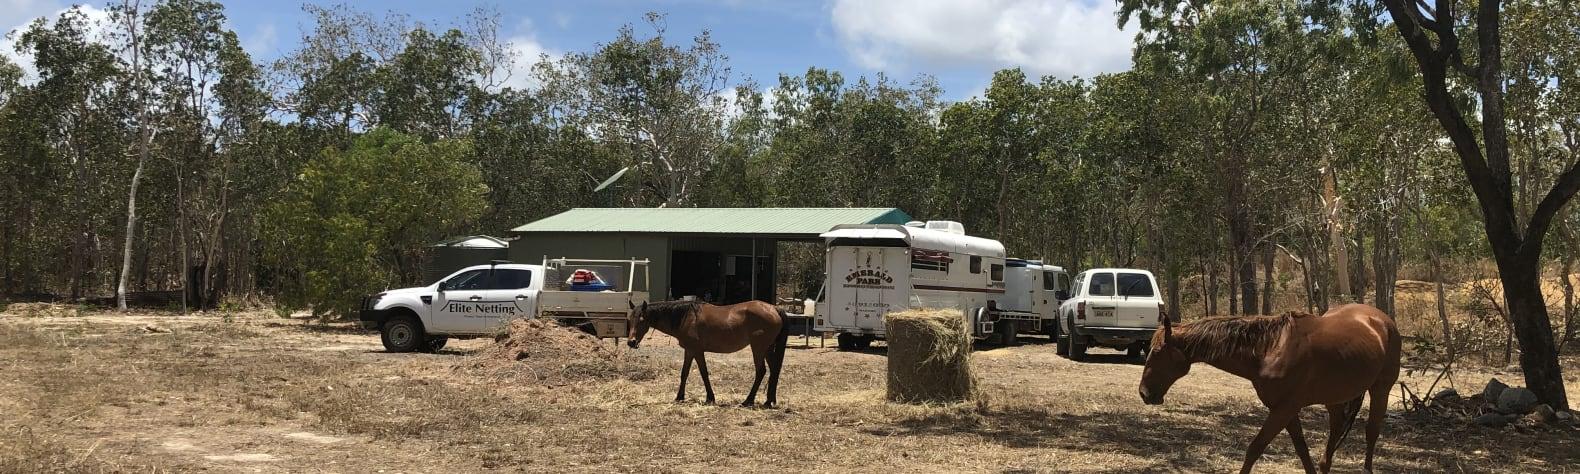 The Horse Garage